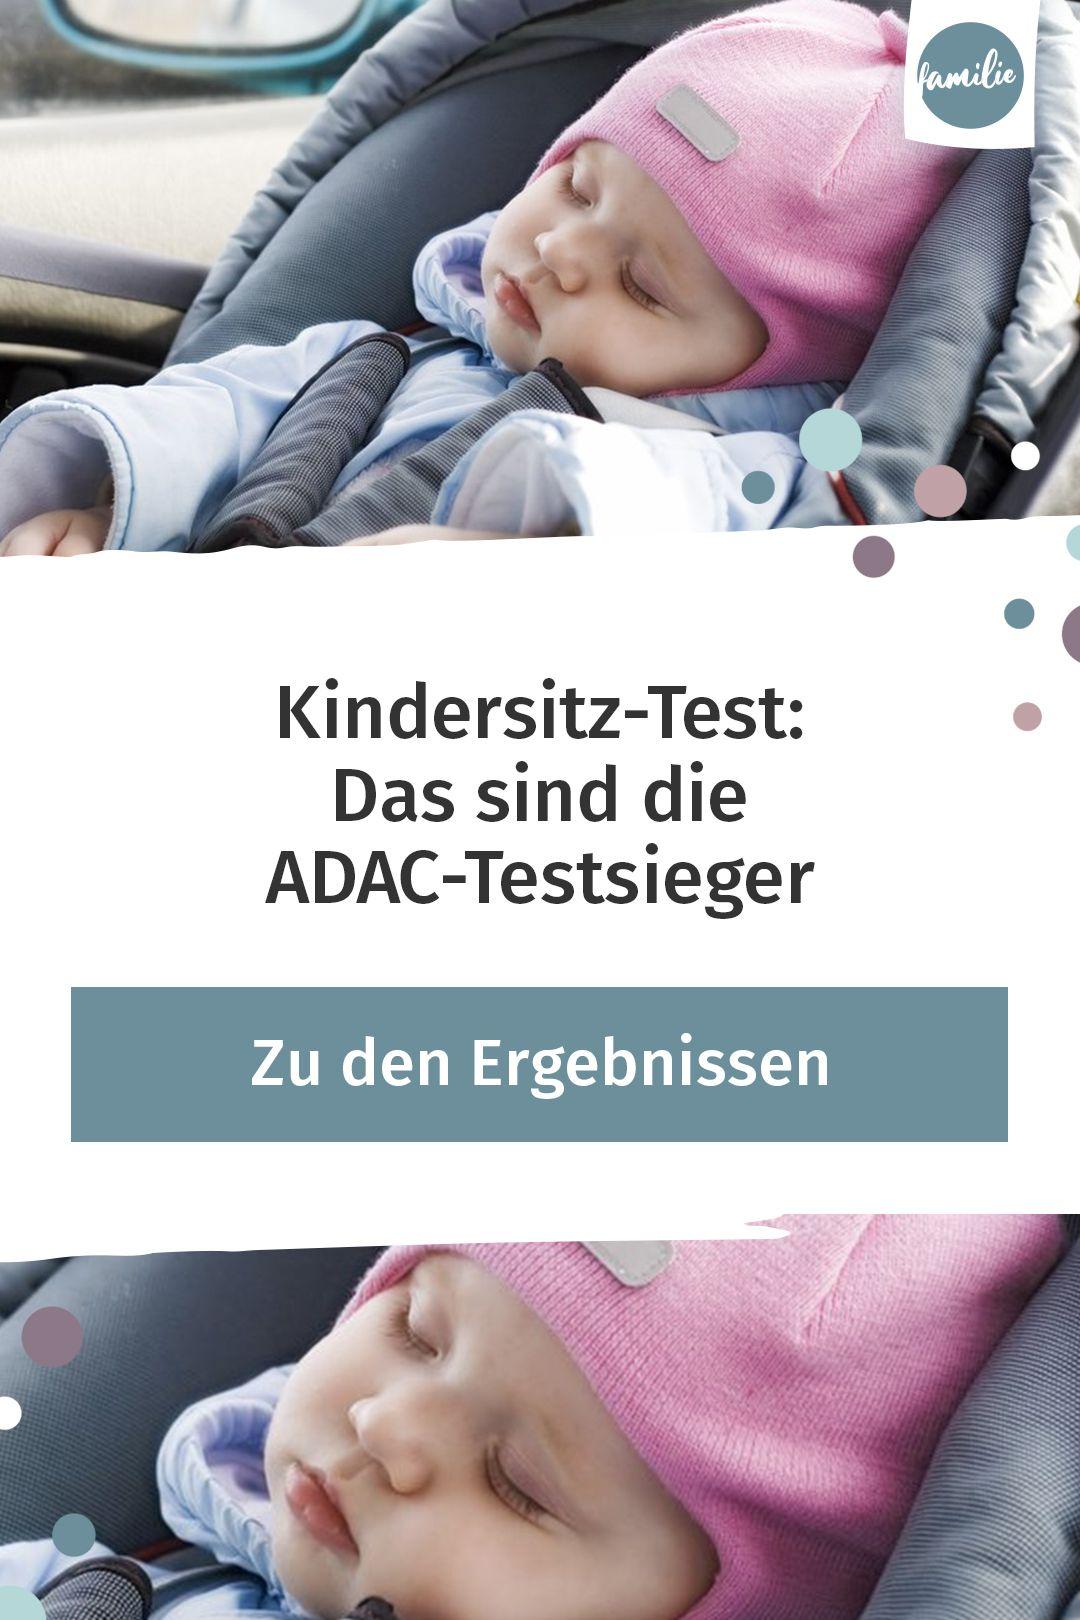 Kindersitz Test 2020 Die Testsieger Bei Stiftung Warentest Familie De In 2020 Kindersitz Test Kindersitz Kinder